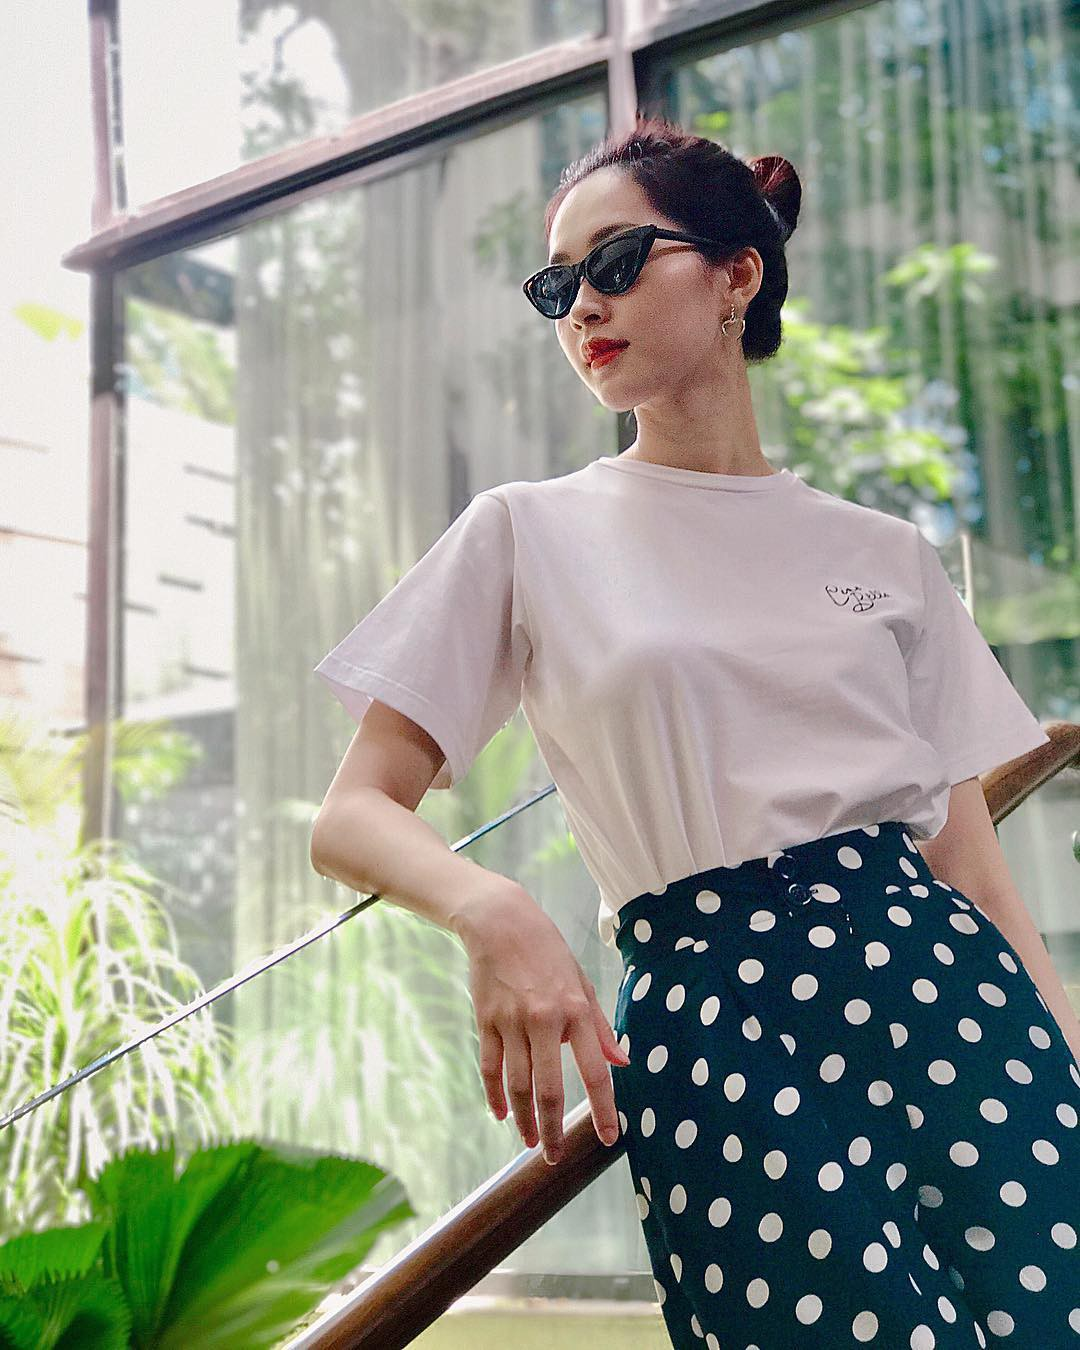 Street style sao Việt tuần này: Hà Hồ - Minh Tú đụng độ ngay thiết kế áo phông trắng giá 300 ngàn - Ảnh 6.